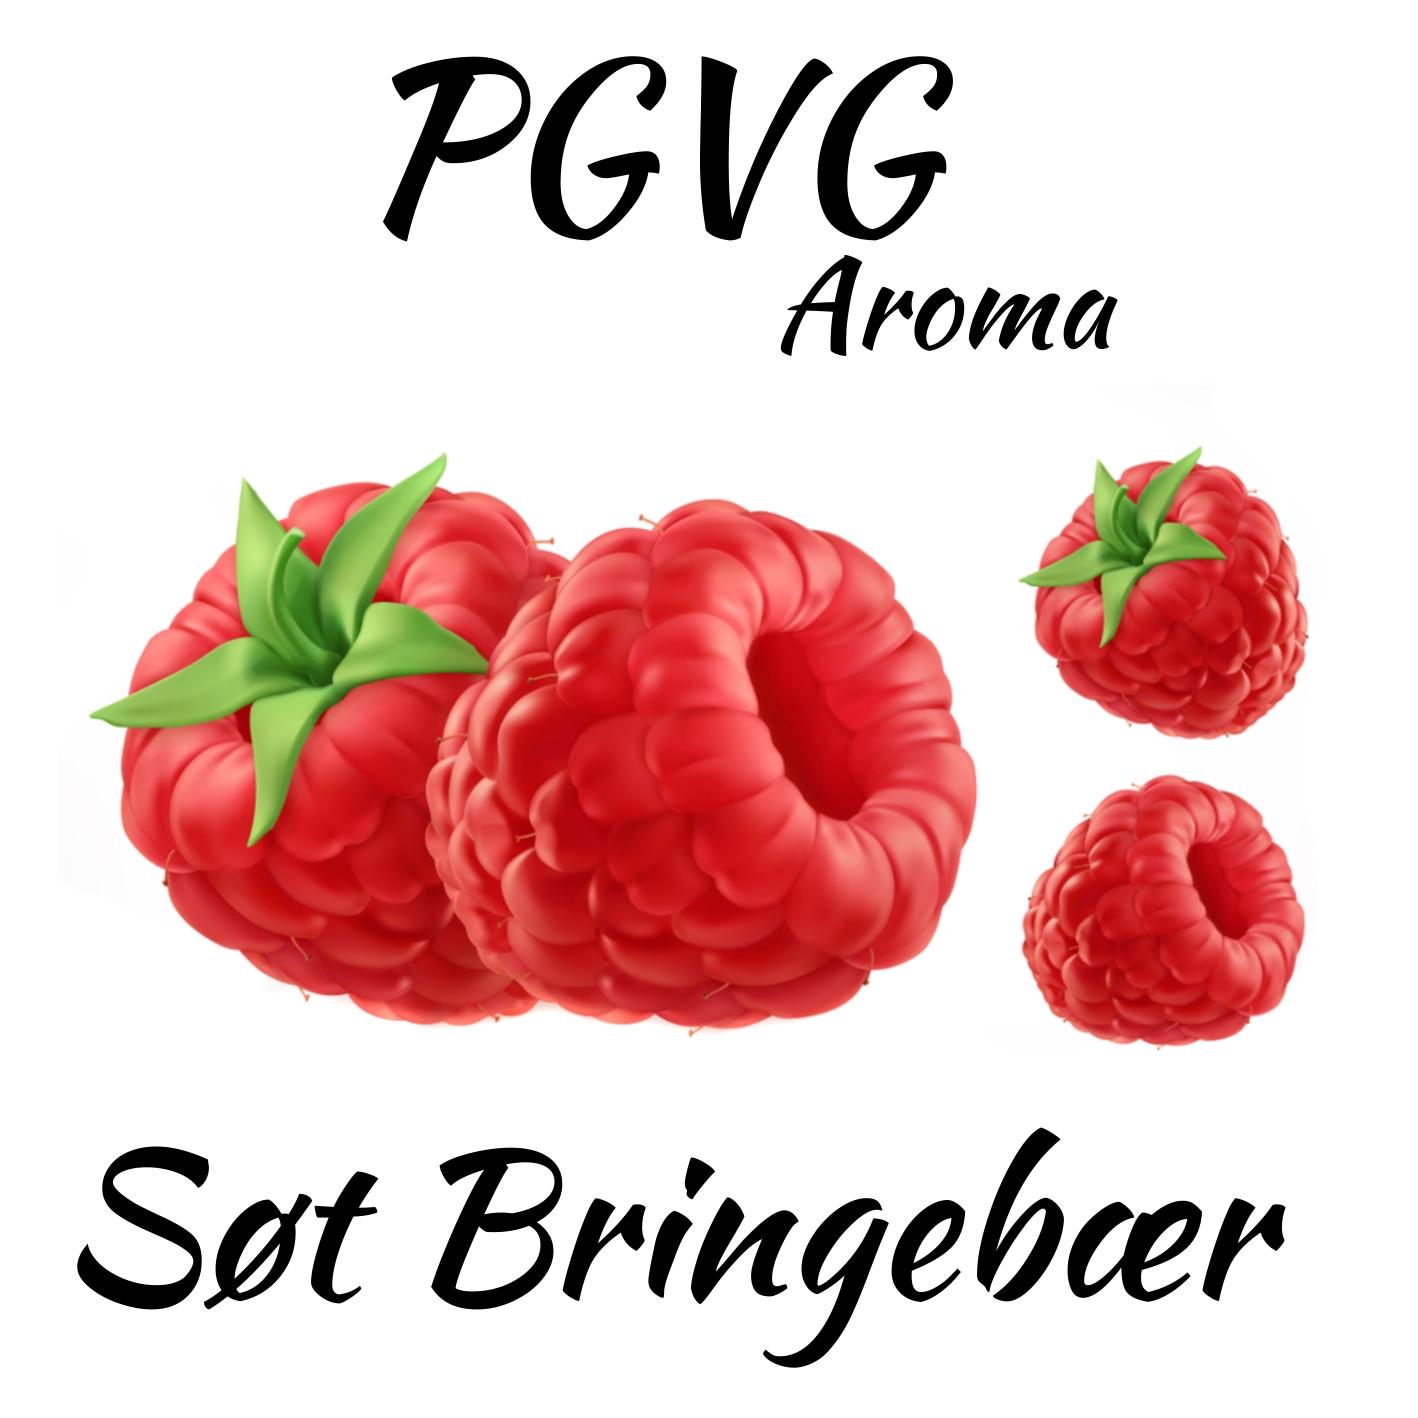 PGVG Aroma